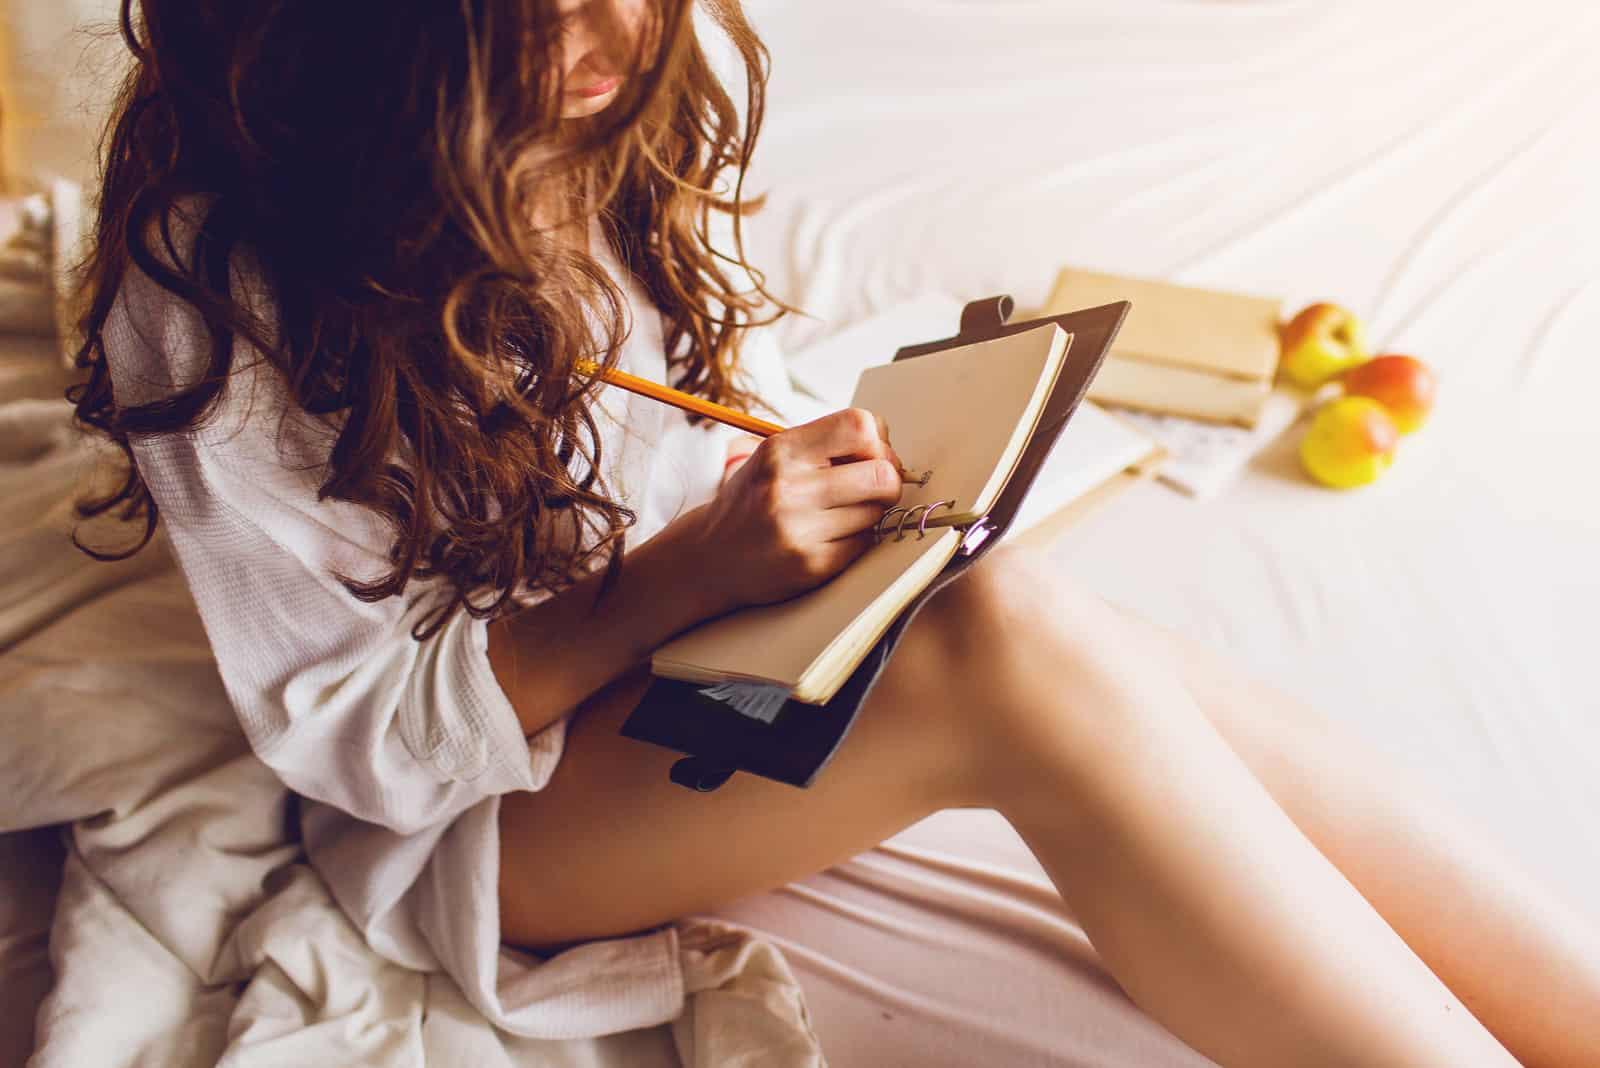 la femme est assise sur le lit et écrit